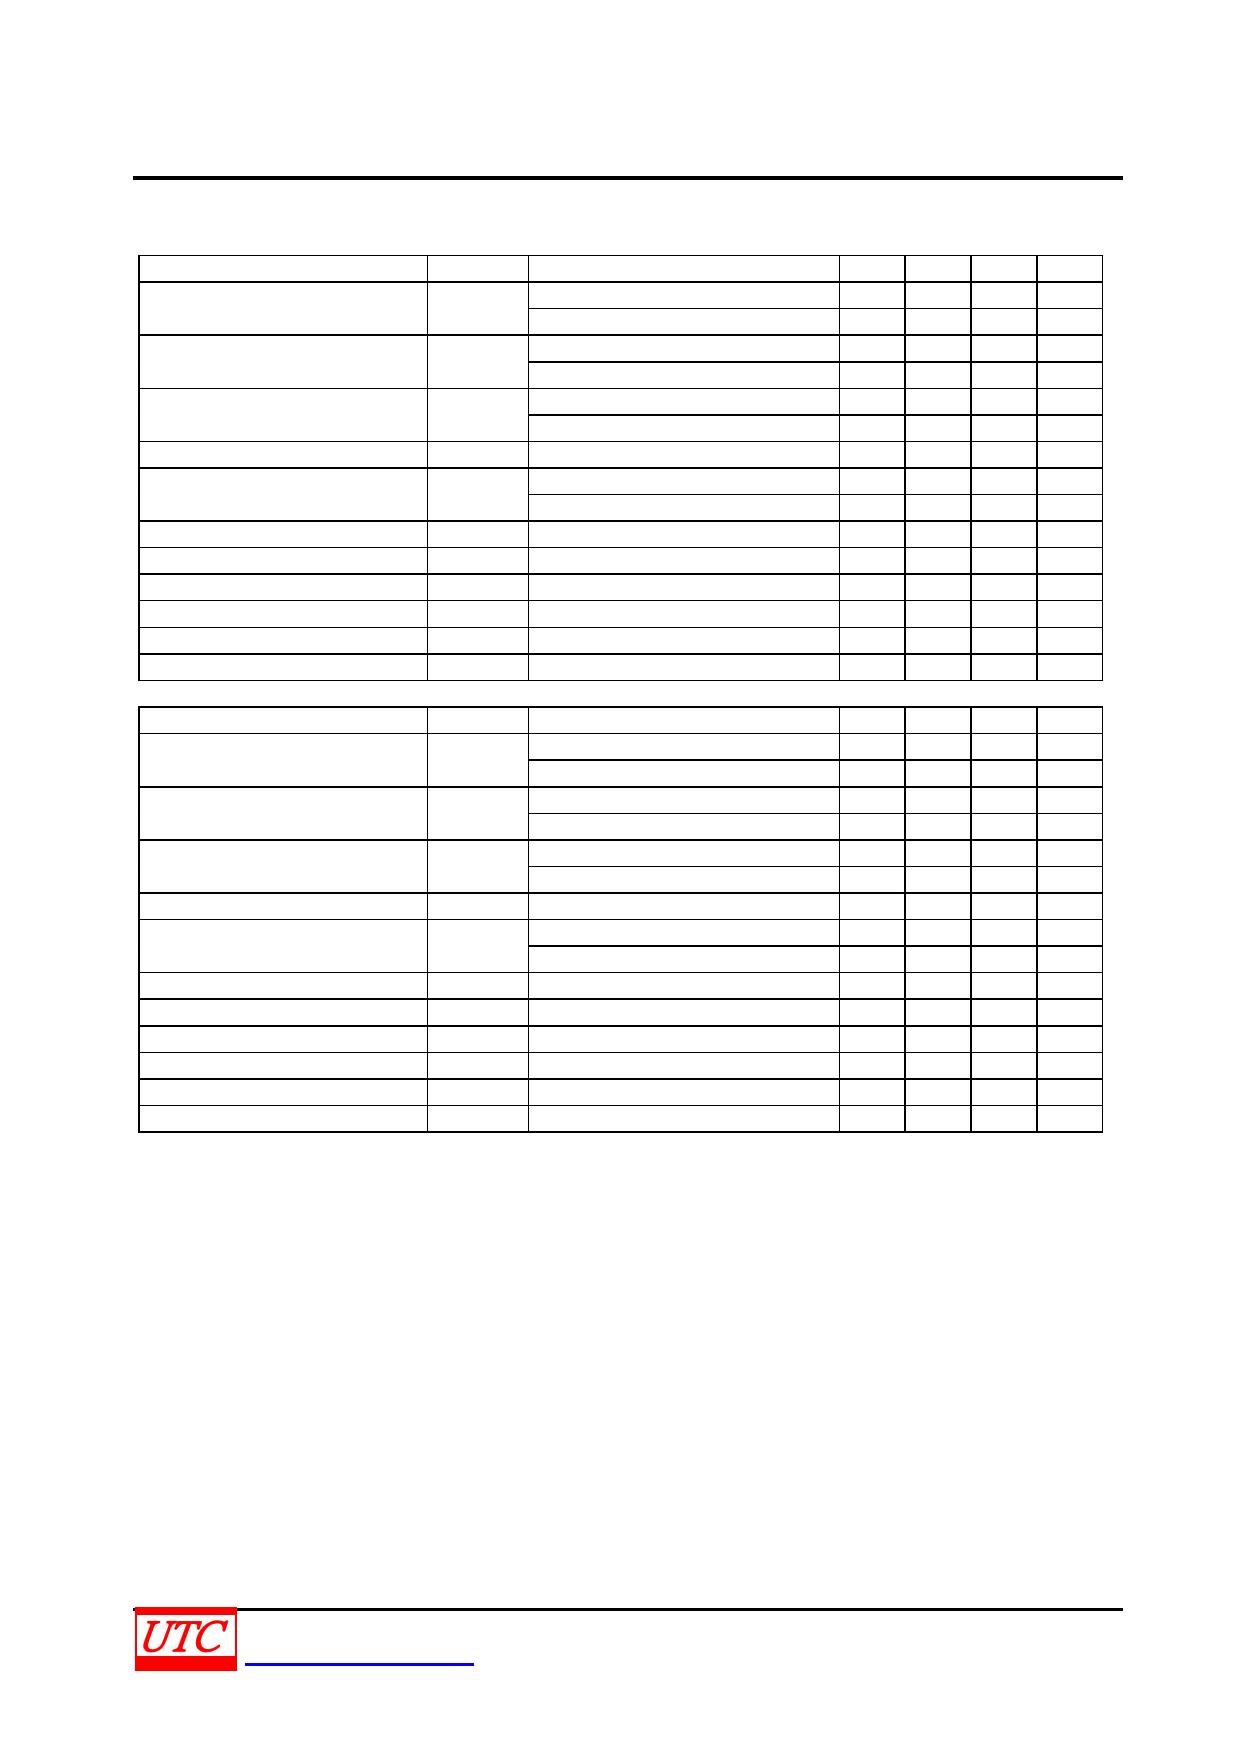 78T08 pdf